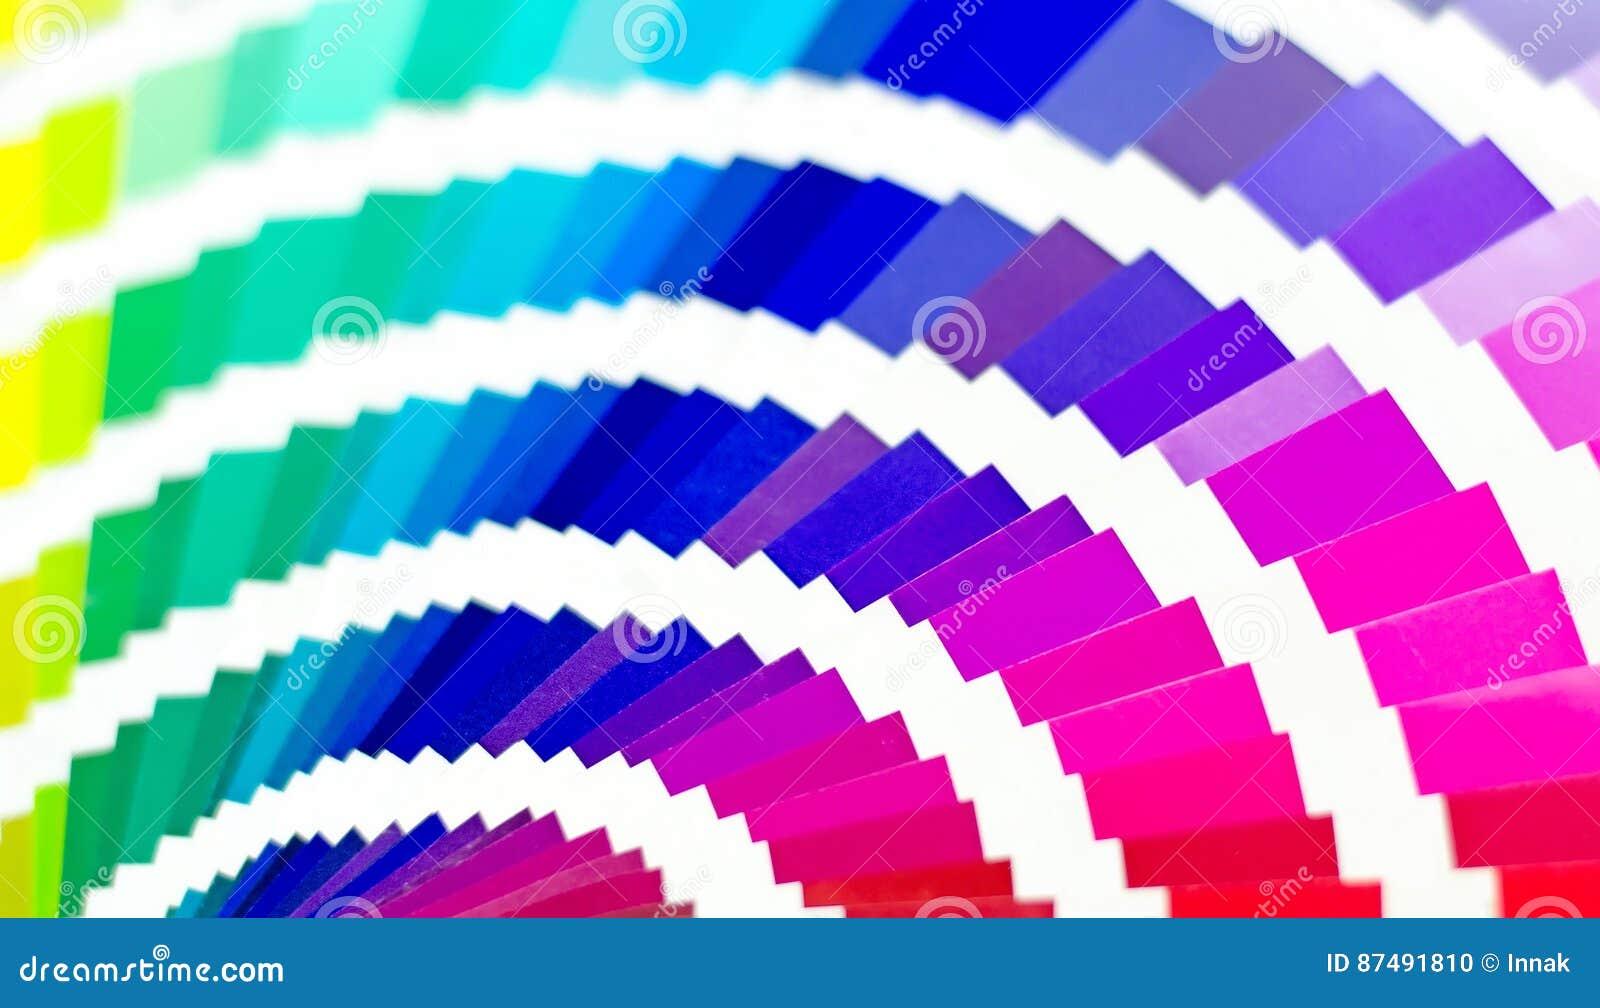 Οδηγός παλετών χρώματος Το δείγμα χρωματίζει τον κατάλογο φωτεινό eps 10 ανασκόπησης πολύχρωμο διάνυσμα RGB CMYK Σπίτι εκτύπωσης